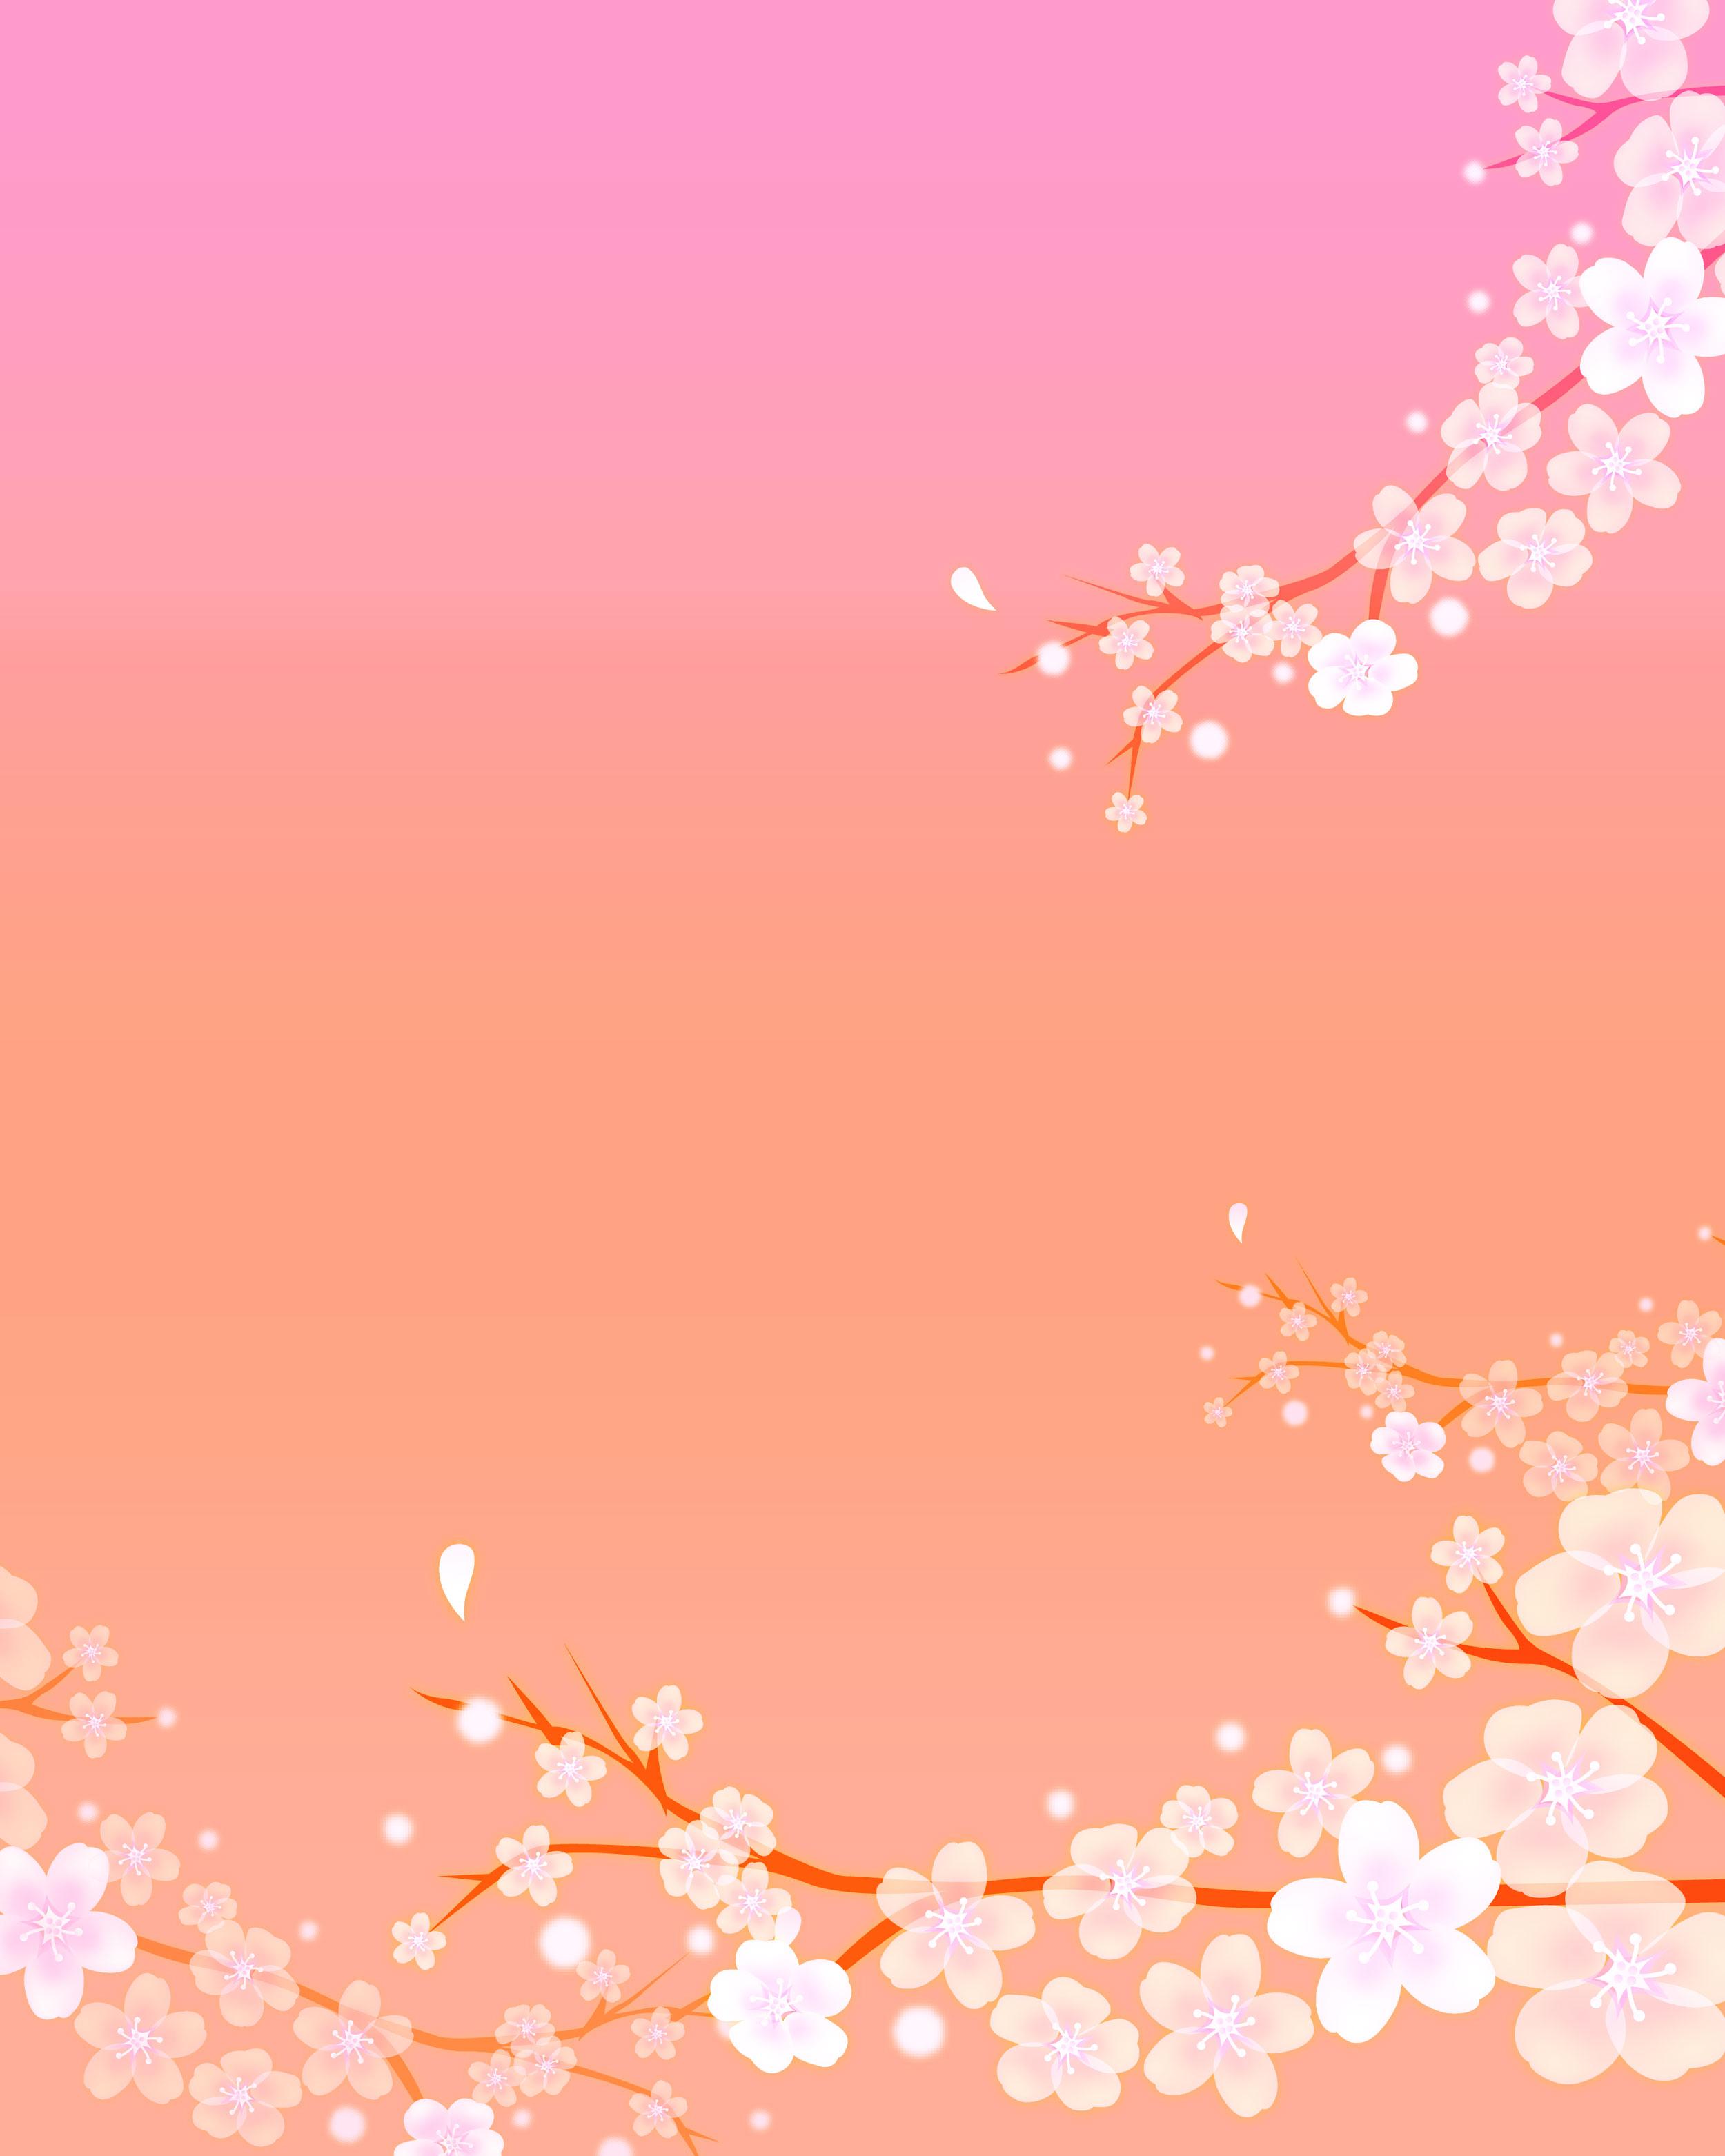 桜 さくら イラスト pictures to pin on pinterest